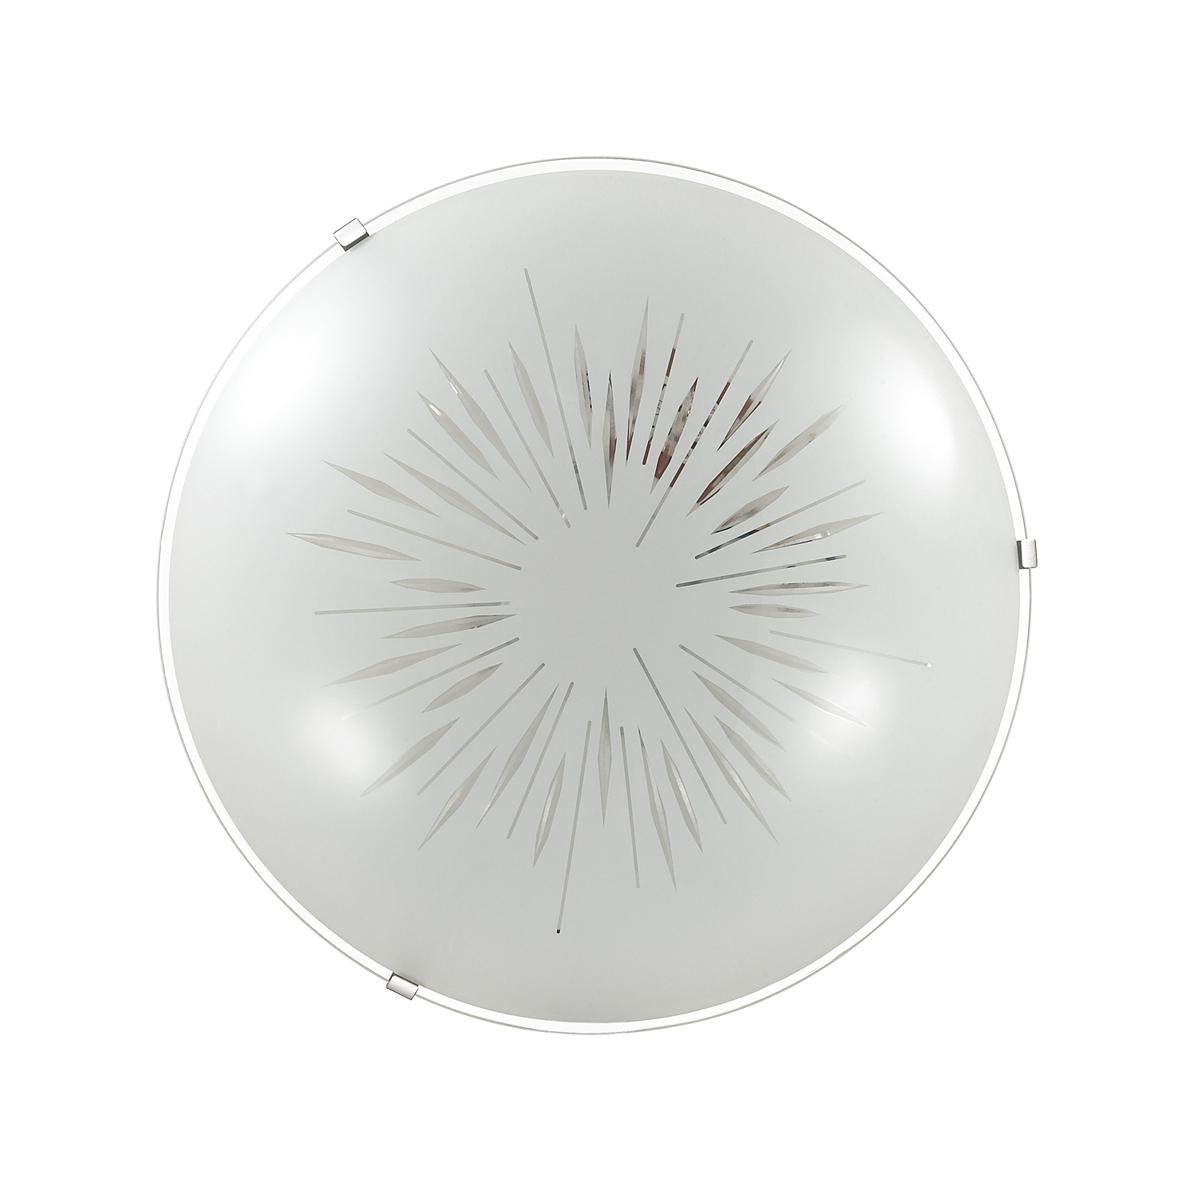 Потолочный светодиодный светильник Sonex Lukka 2064/DL, LED 48W, хром, матовый, прозрачный, металл, стекло - фото 3